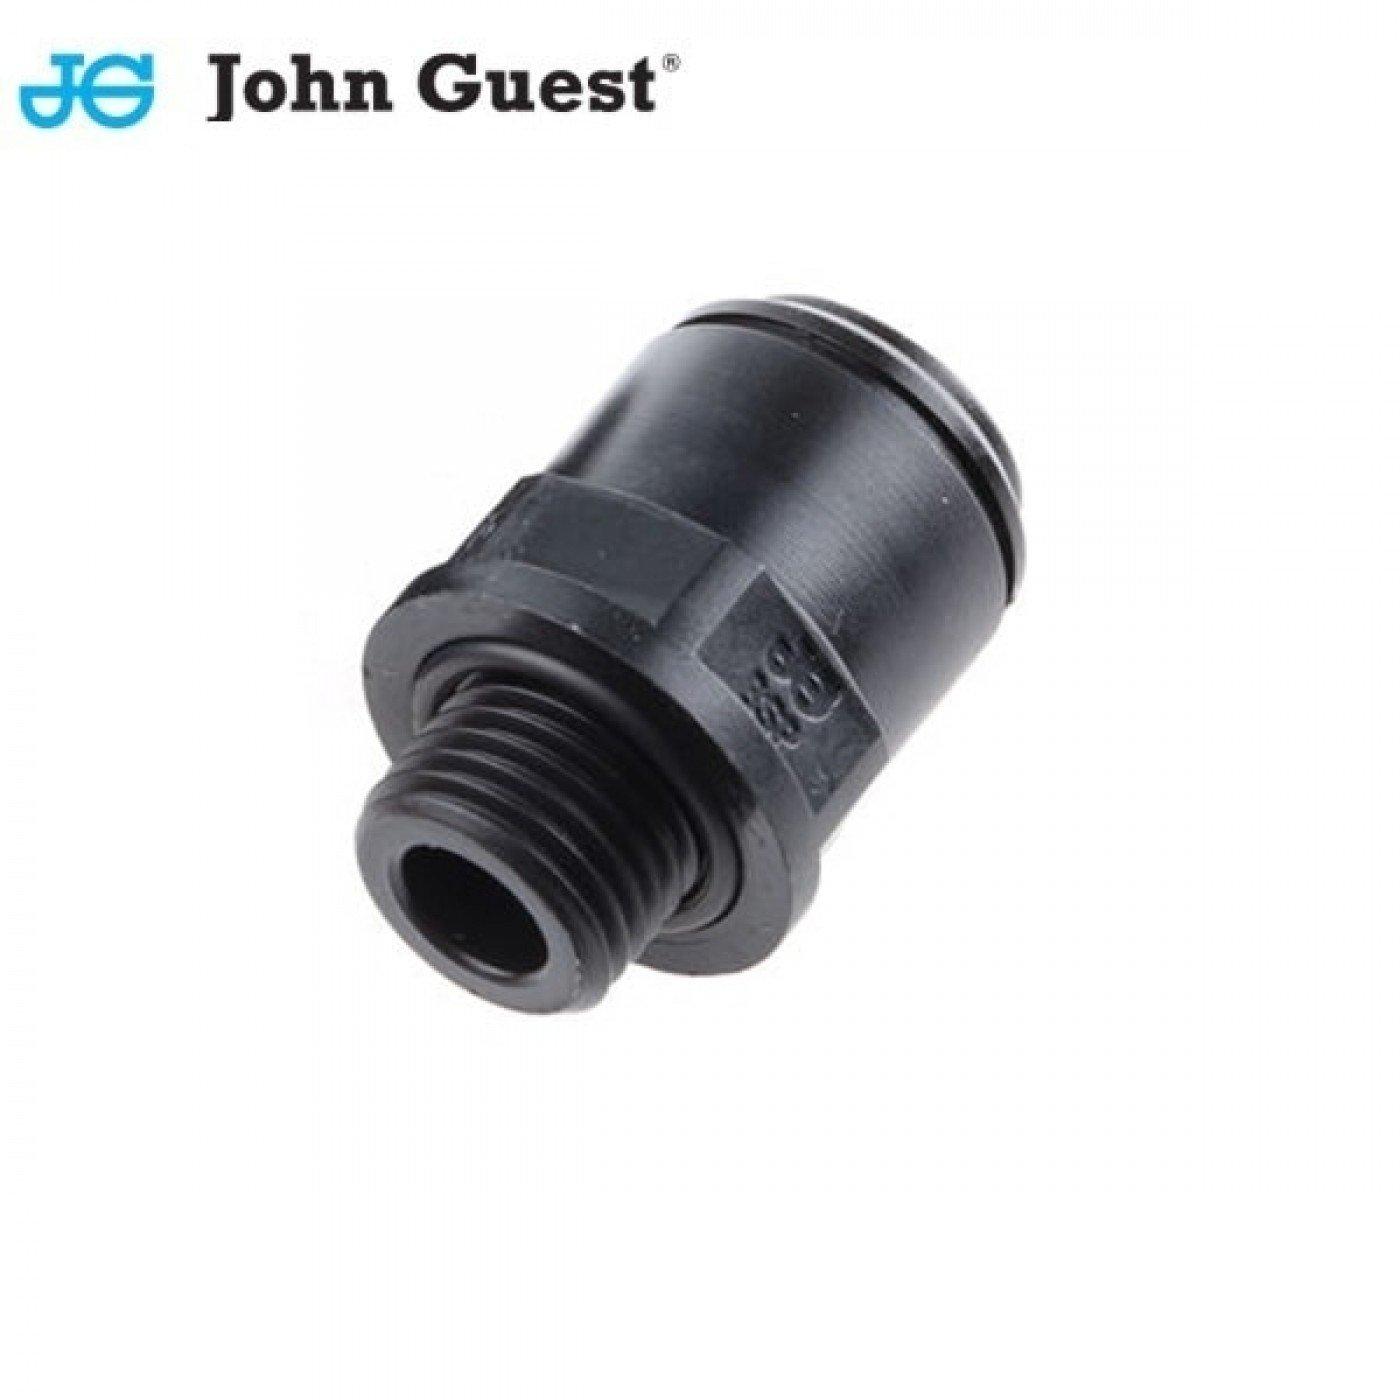 TERMINALE DIRITTO TUBO 10 mm FILETTO 1/4 PM011012E